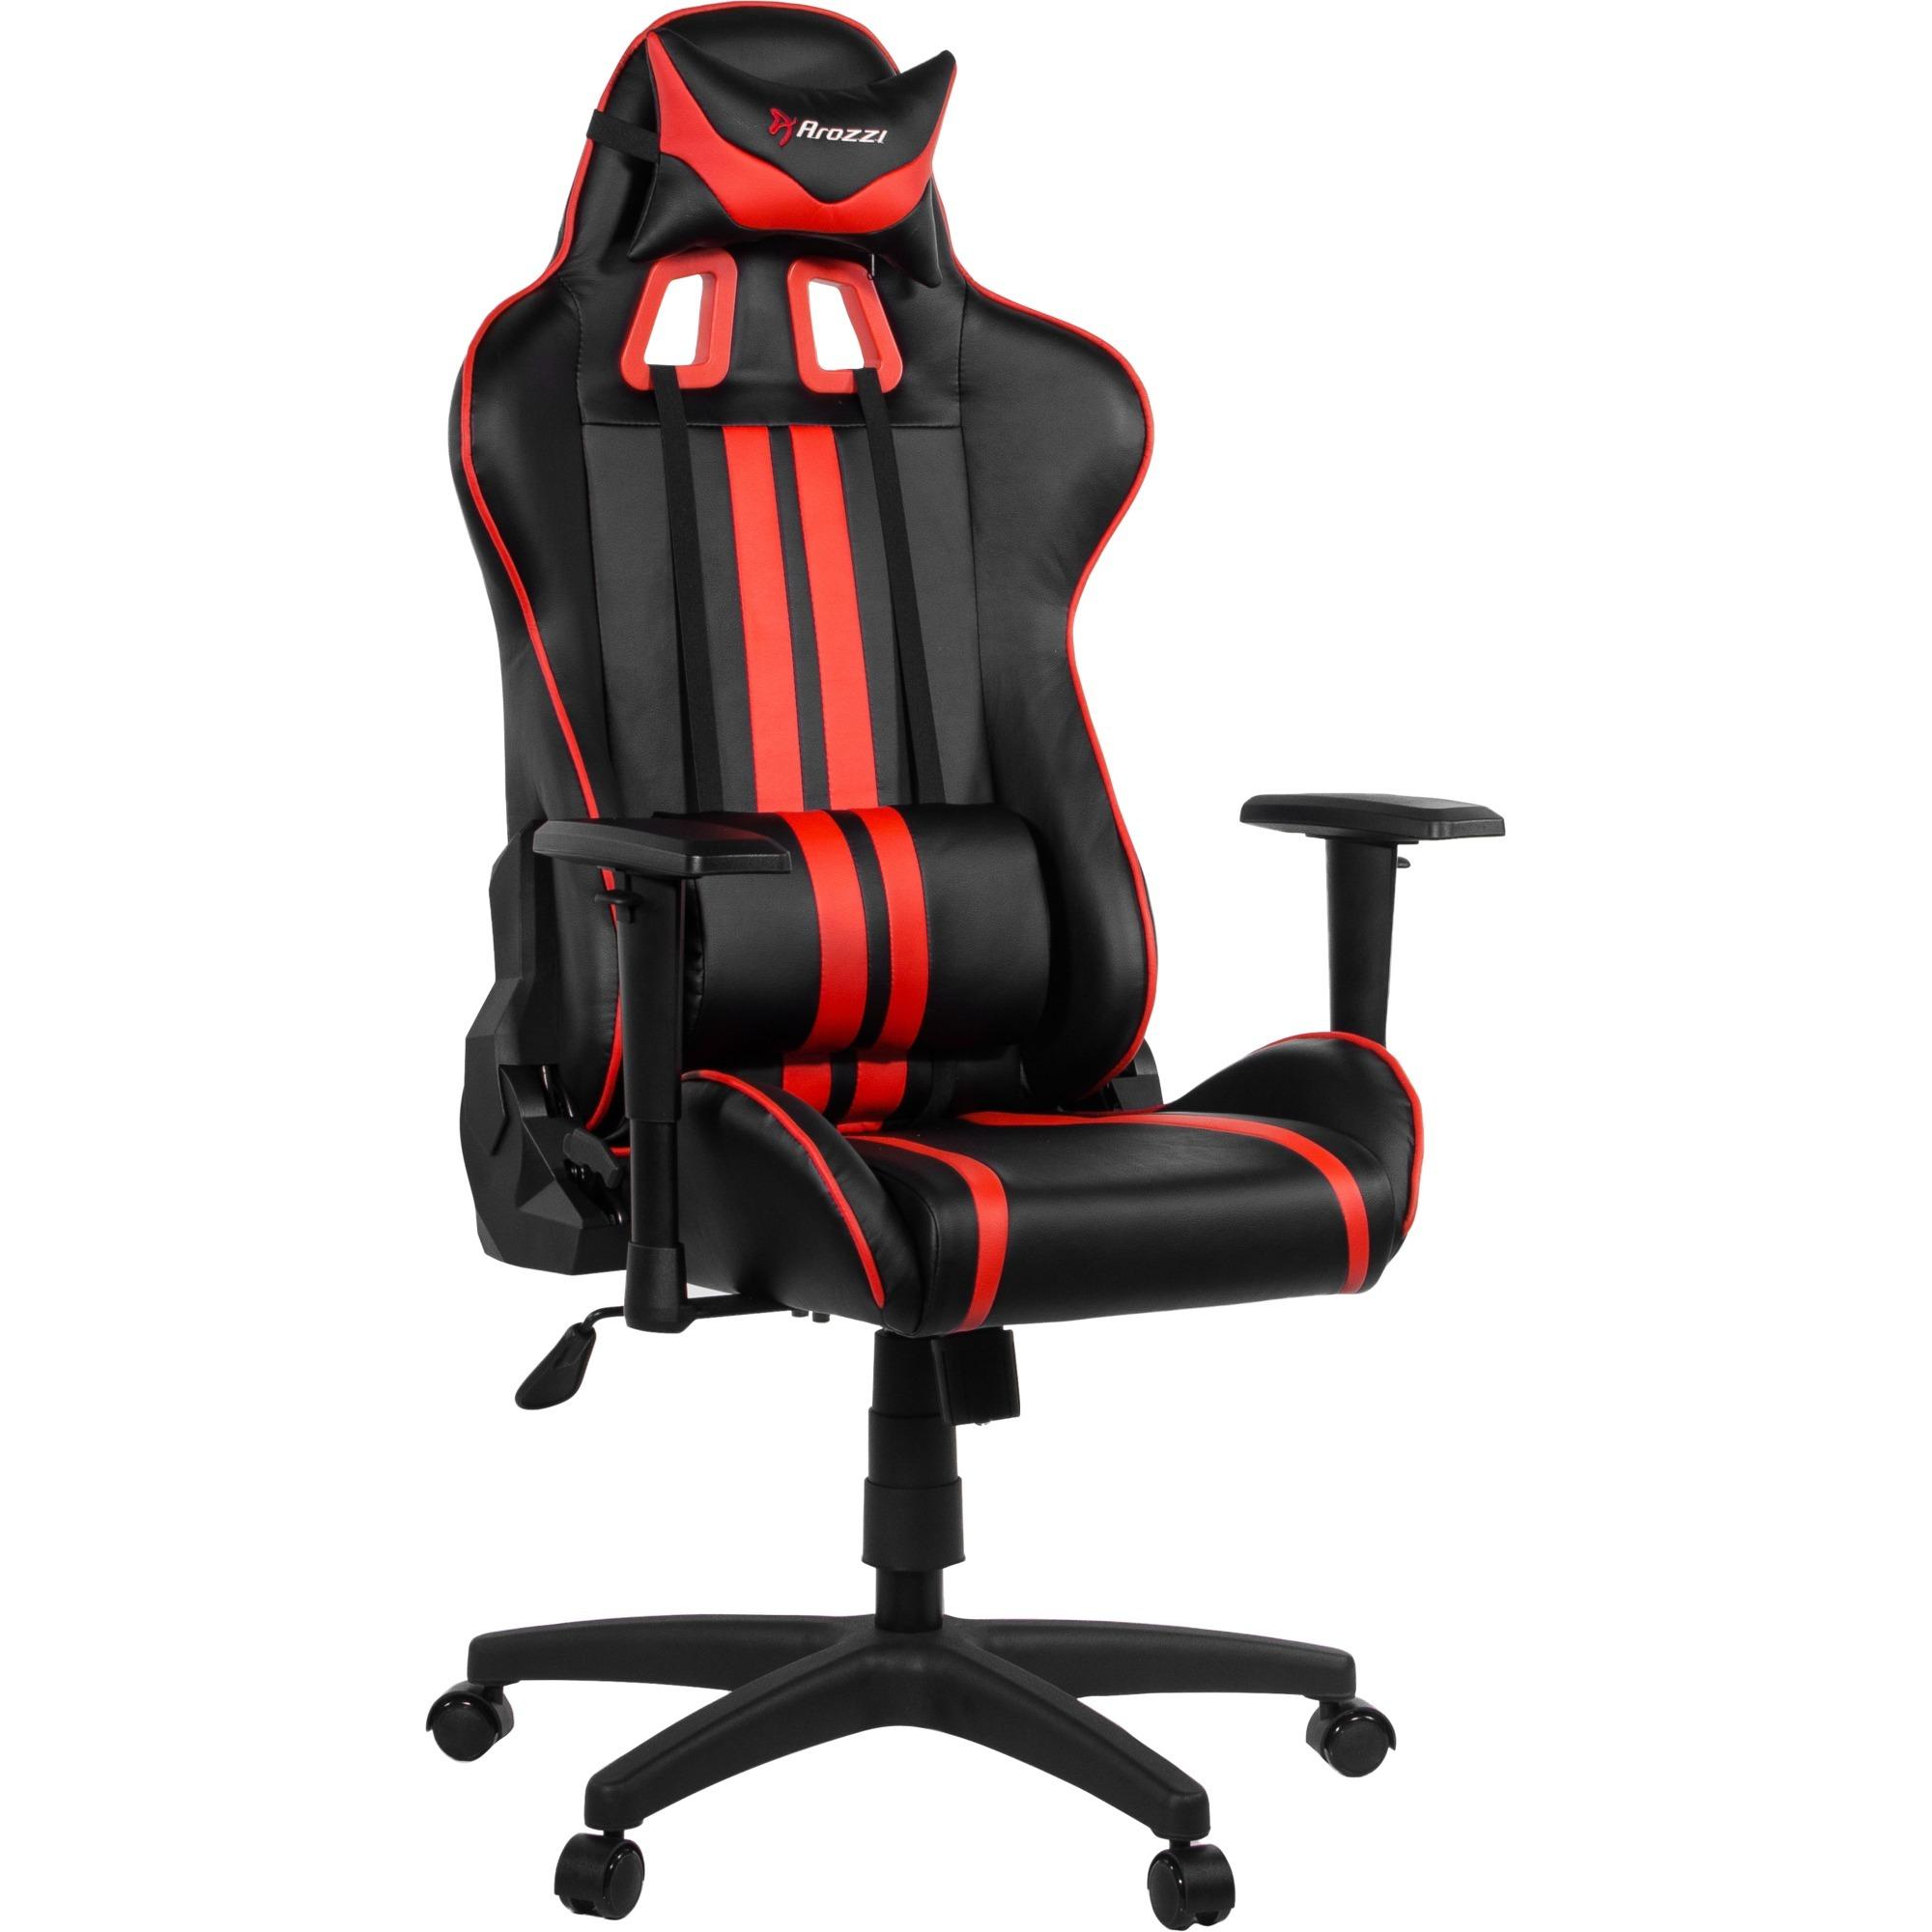 Mezzo sillas para videojuegos, Asientos de juego